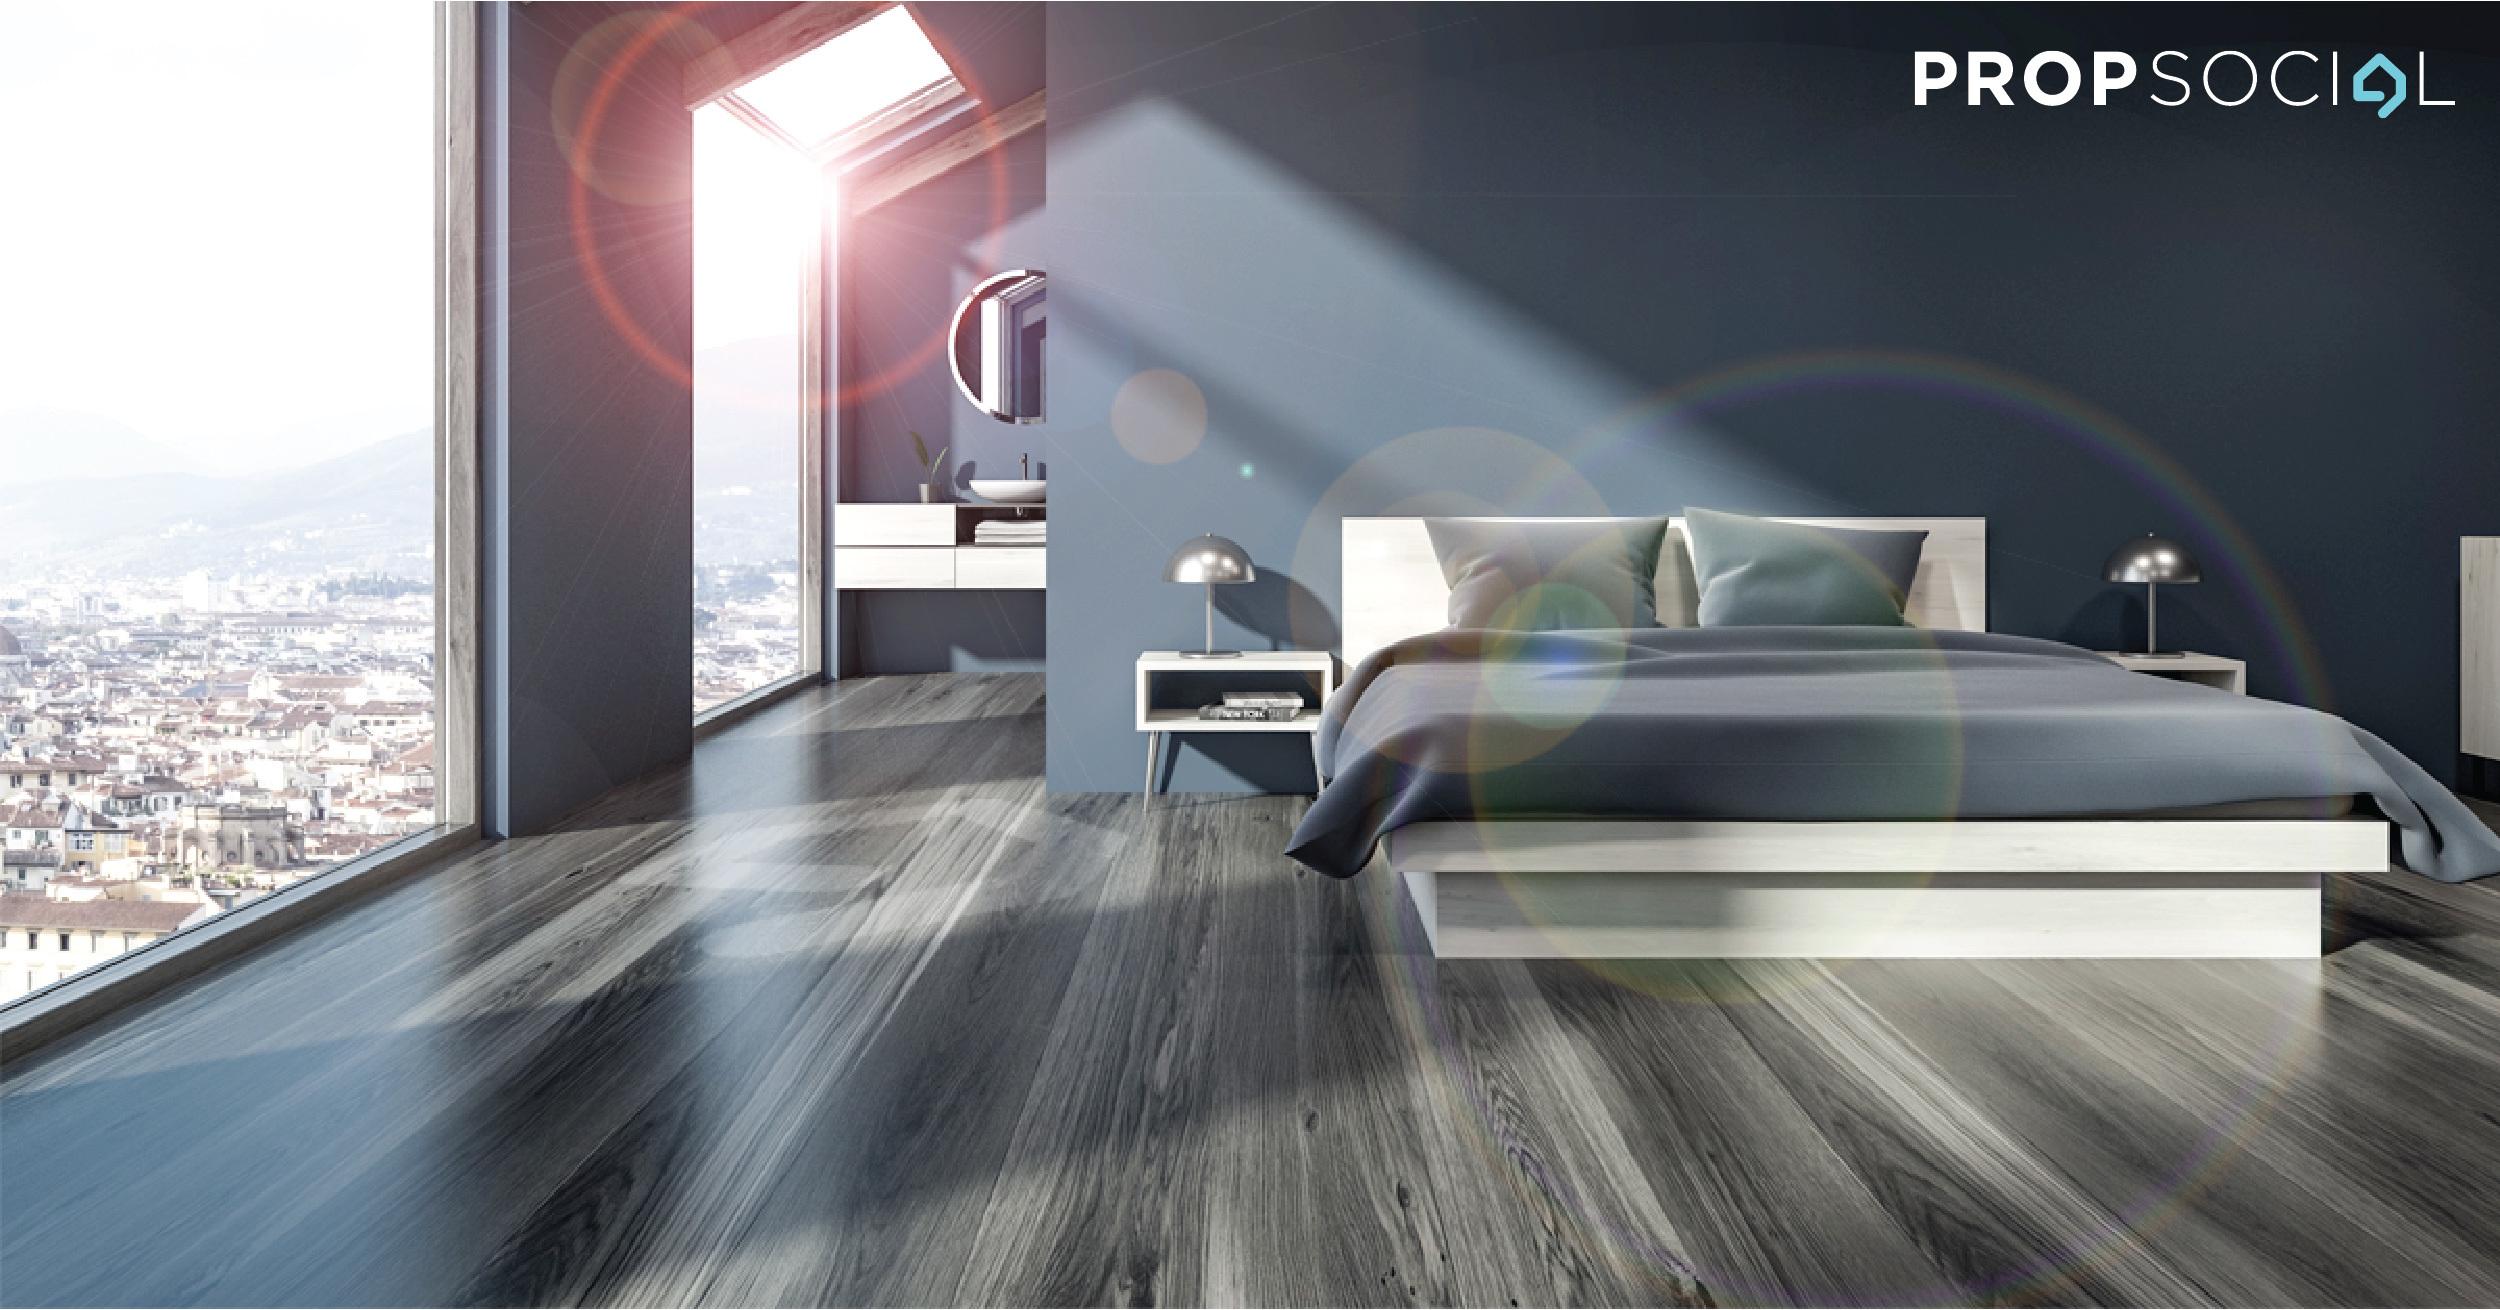 Bedroom flooring 1200x628